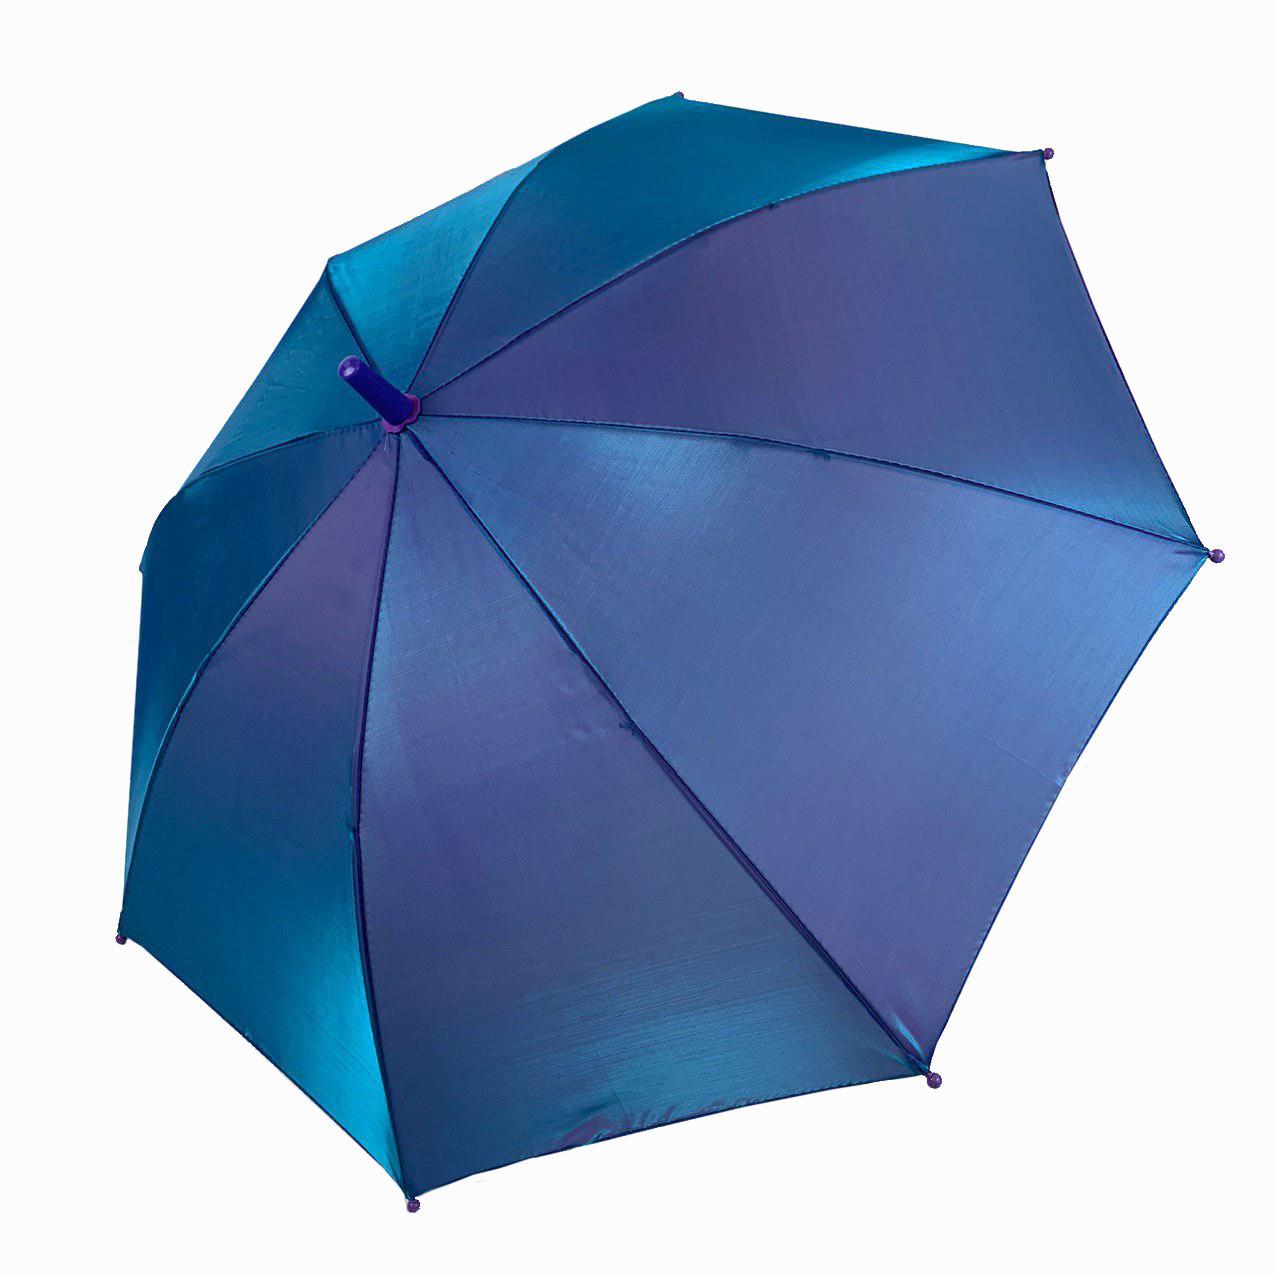 """Детский зонт трость """"хамелеон"""" однотонный, Flagman, синий индиго, 502-4"""